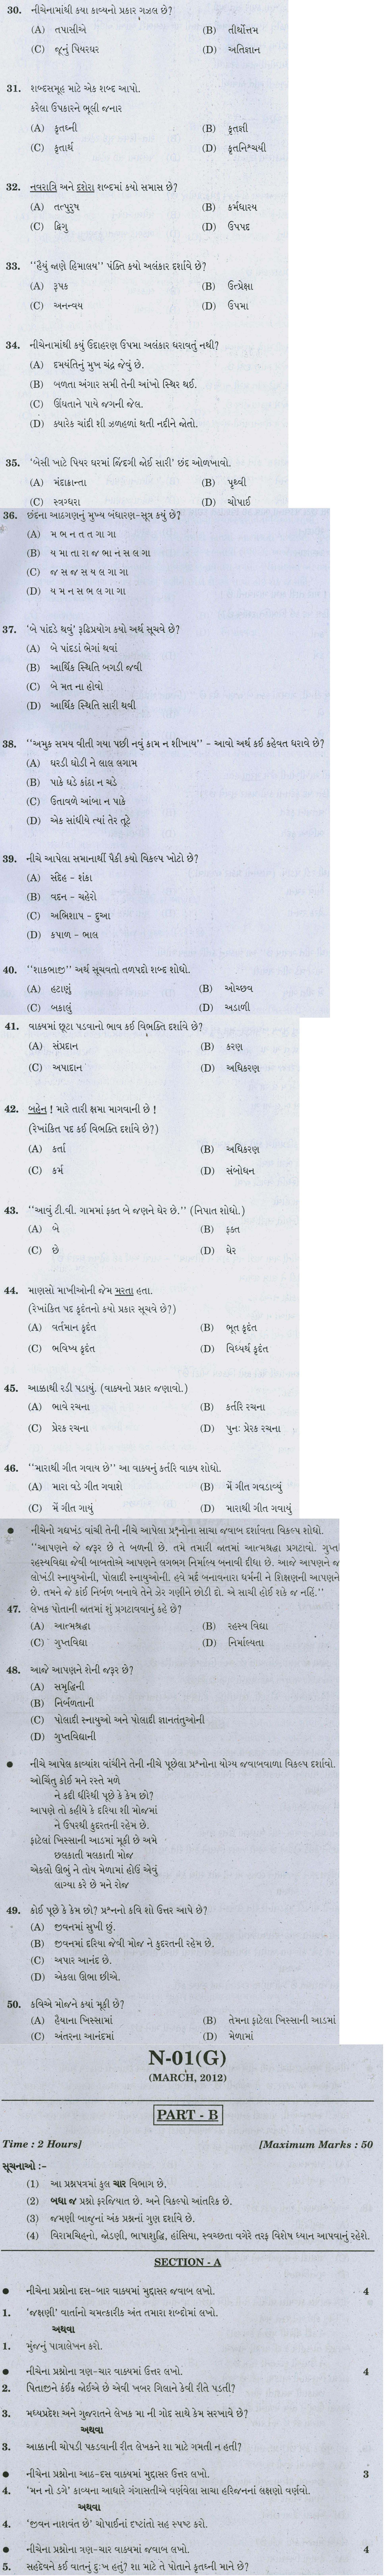 Gujarat Board Class X Question Papers (Gujarati Medium) 2012 - Gujarati